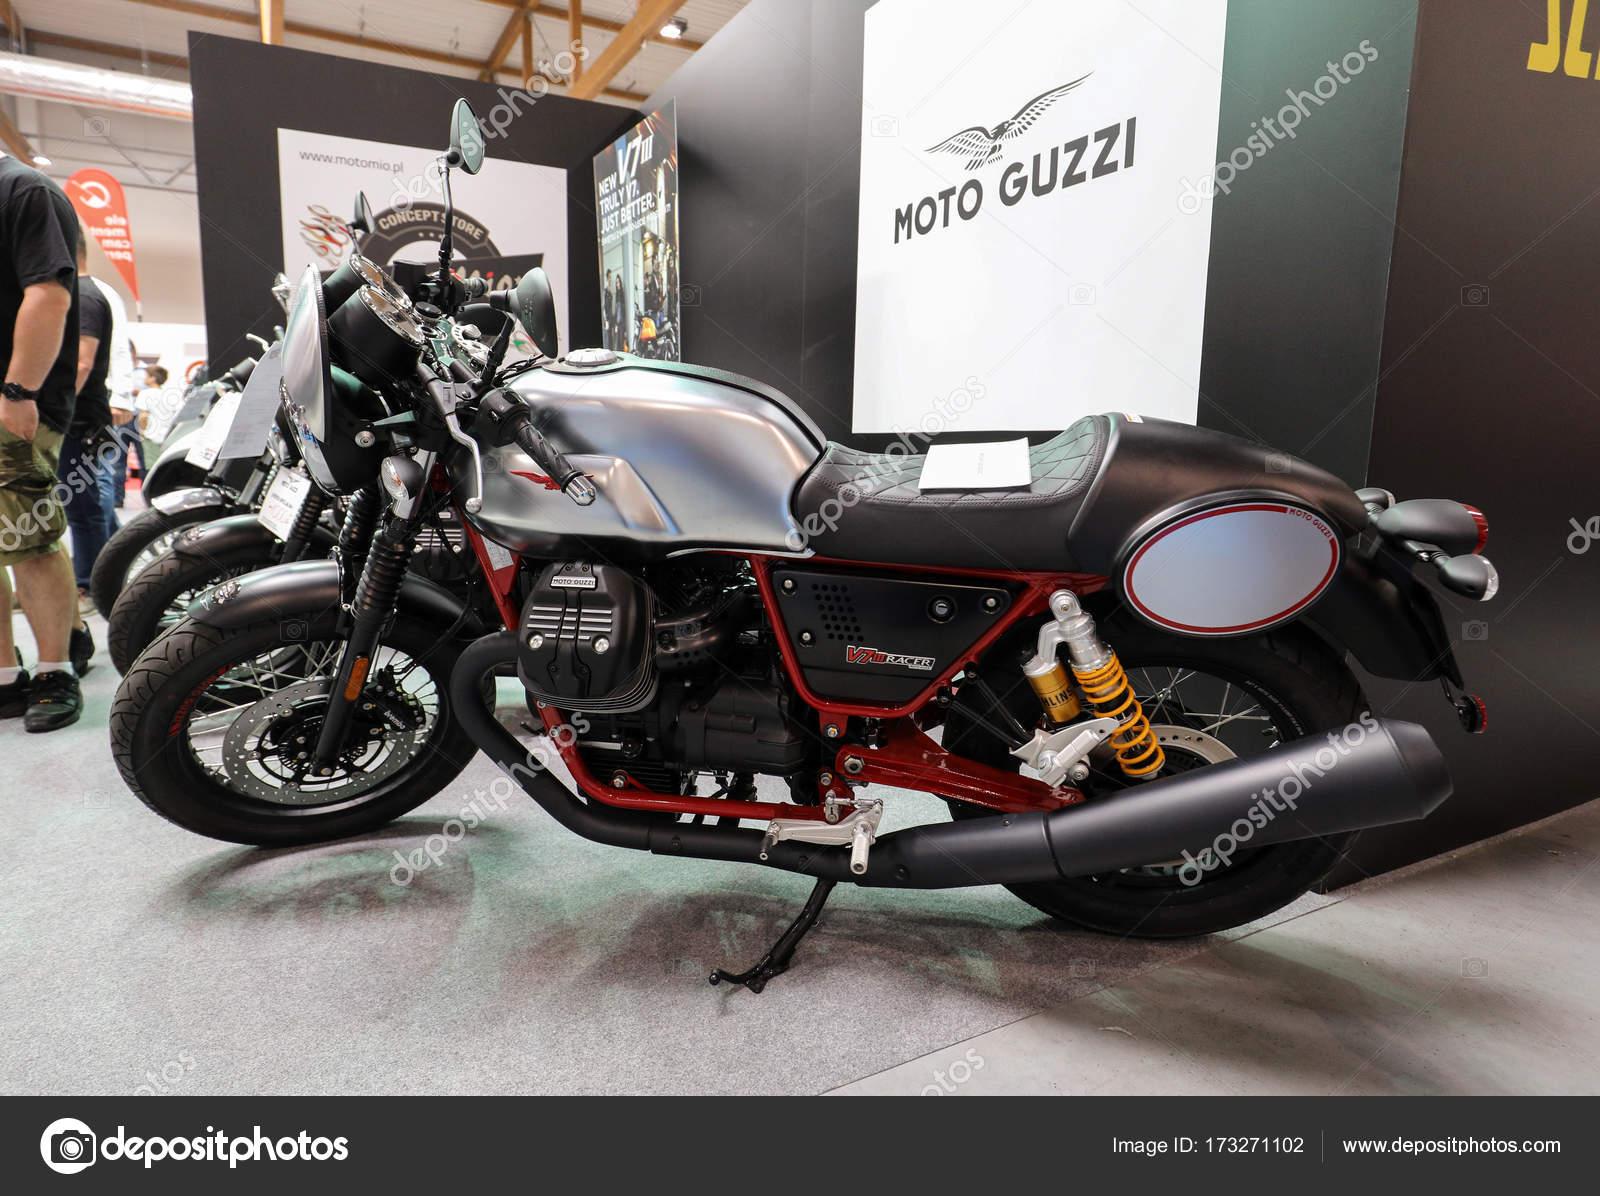 мотоциклов Moto Guzzi V7 Iii гонщик на мото шоу в кракове польша